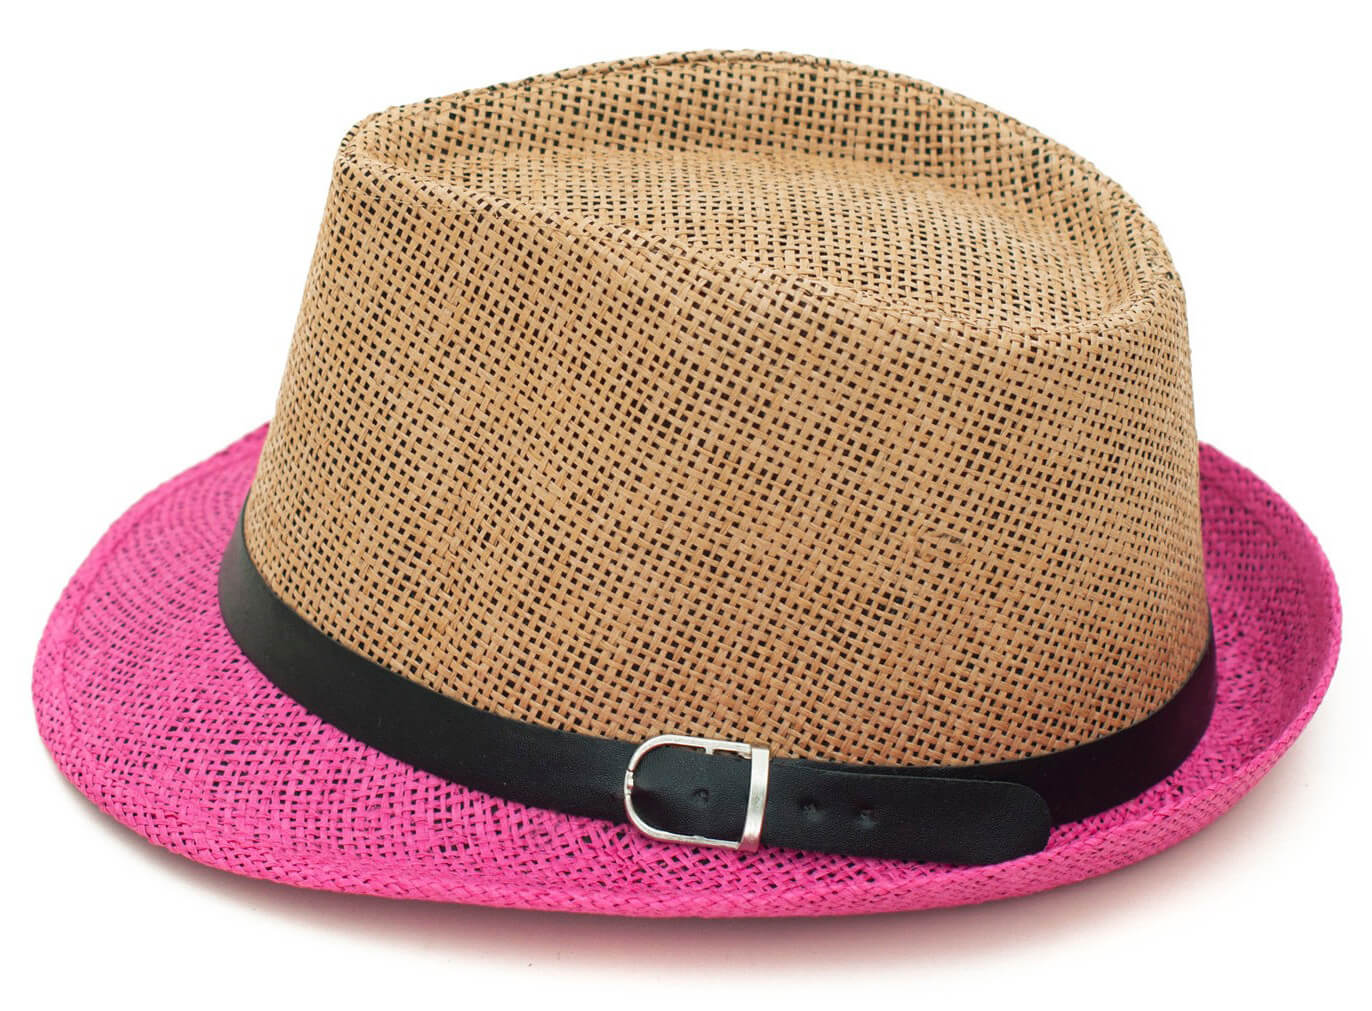 d1b2229134e Art of Polo Letní klobouk dvoubarevný - béžovorůžový cz15160.12 ...